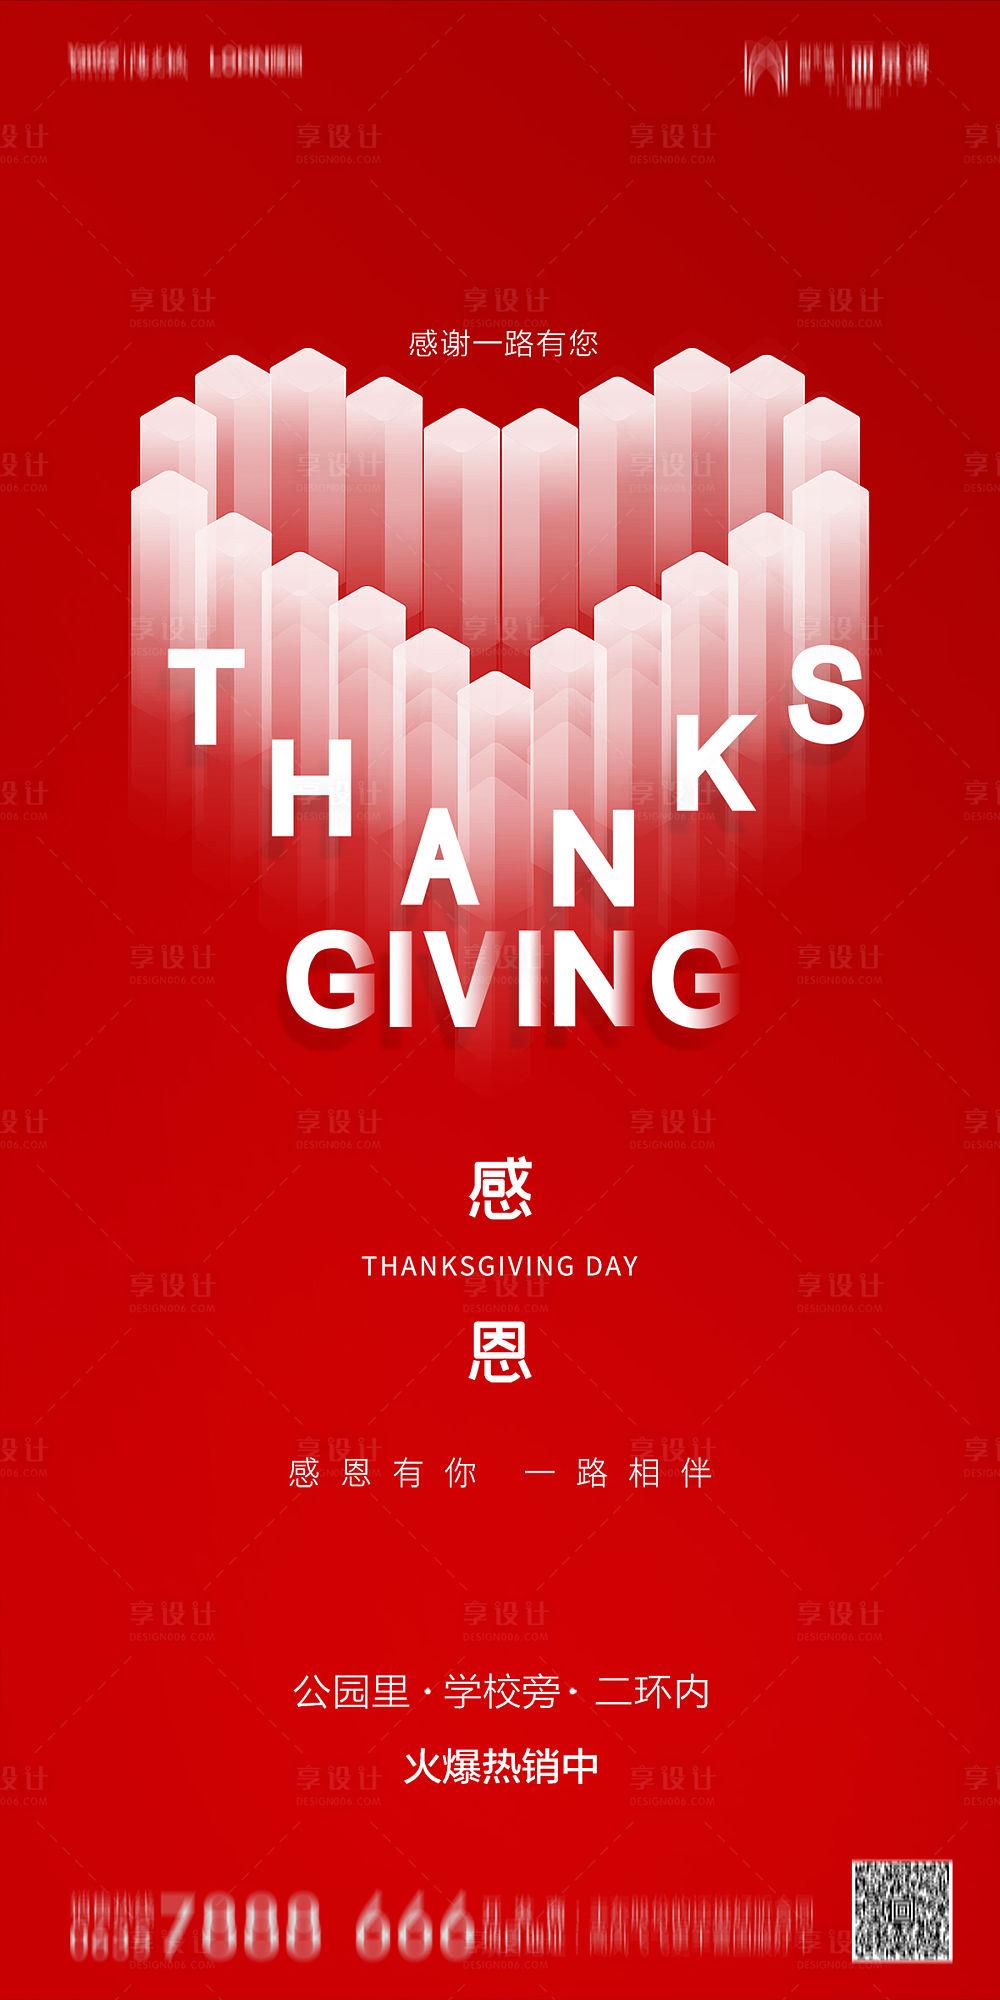 【源文件下载】 海报 房地产 公历节日 感恩节 爱心设计作品 设计图集